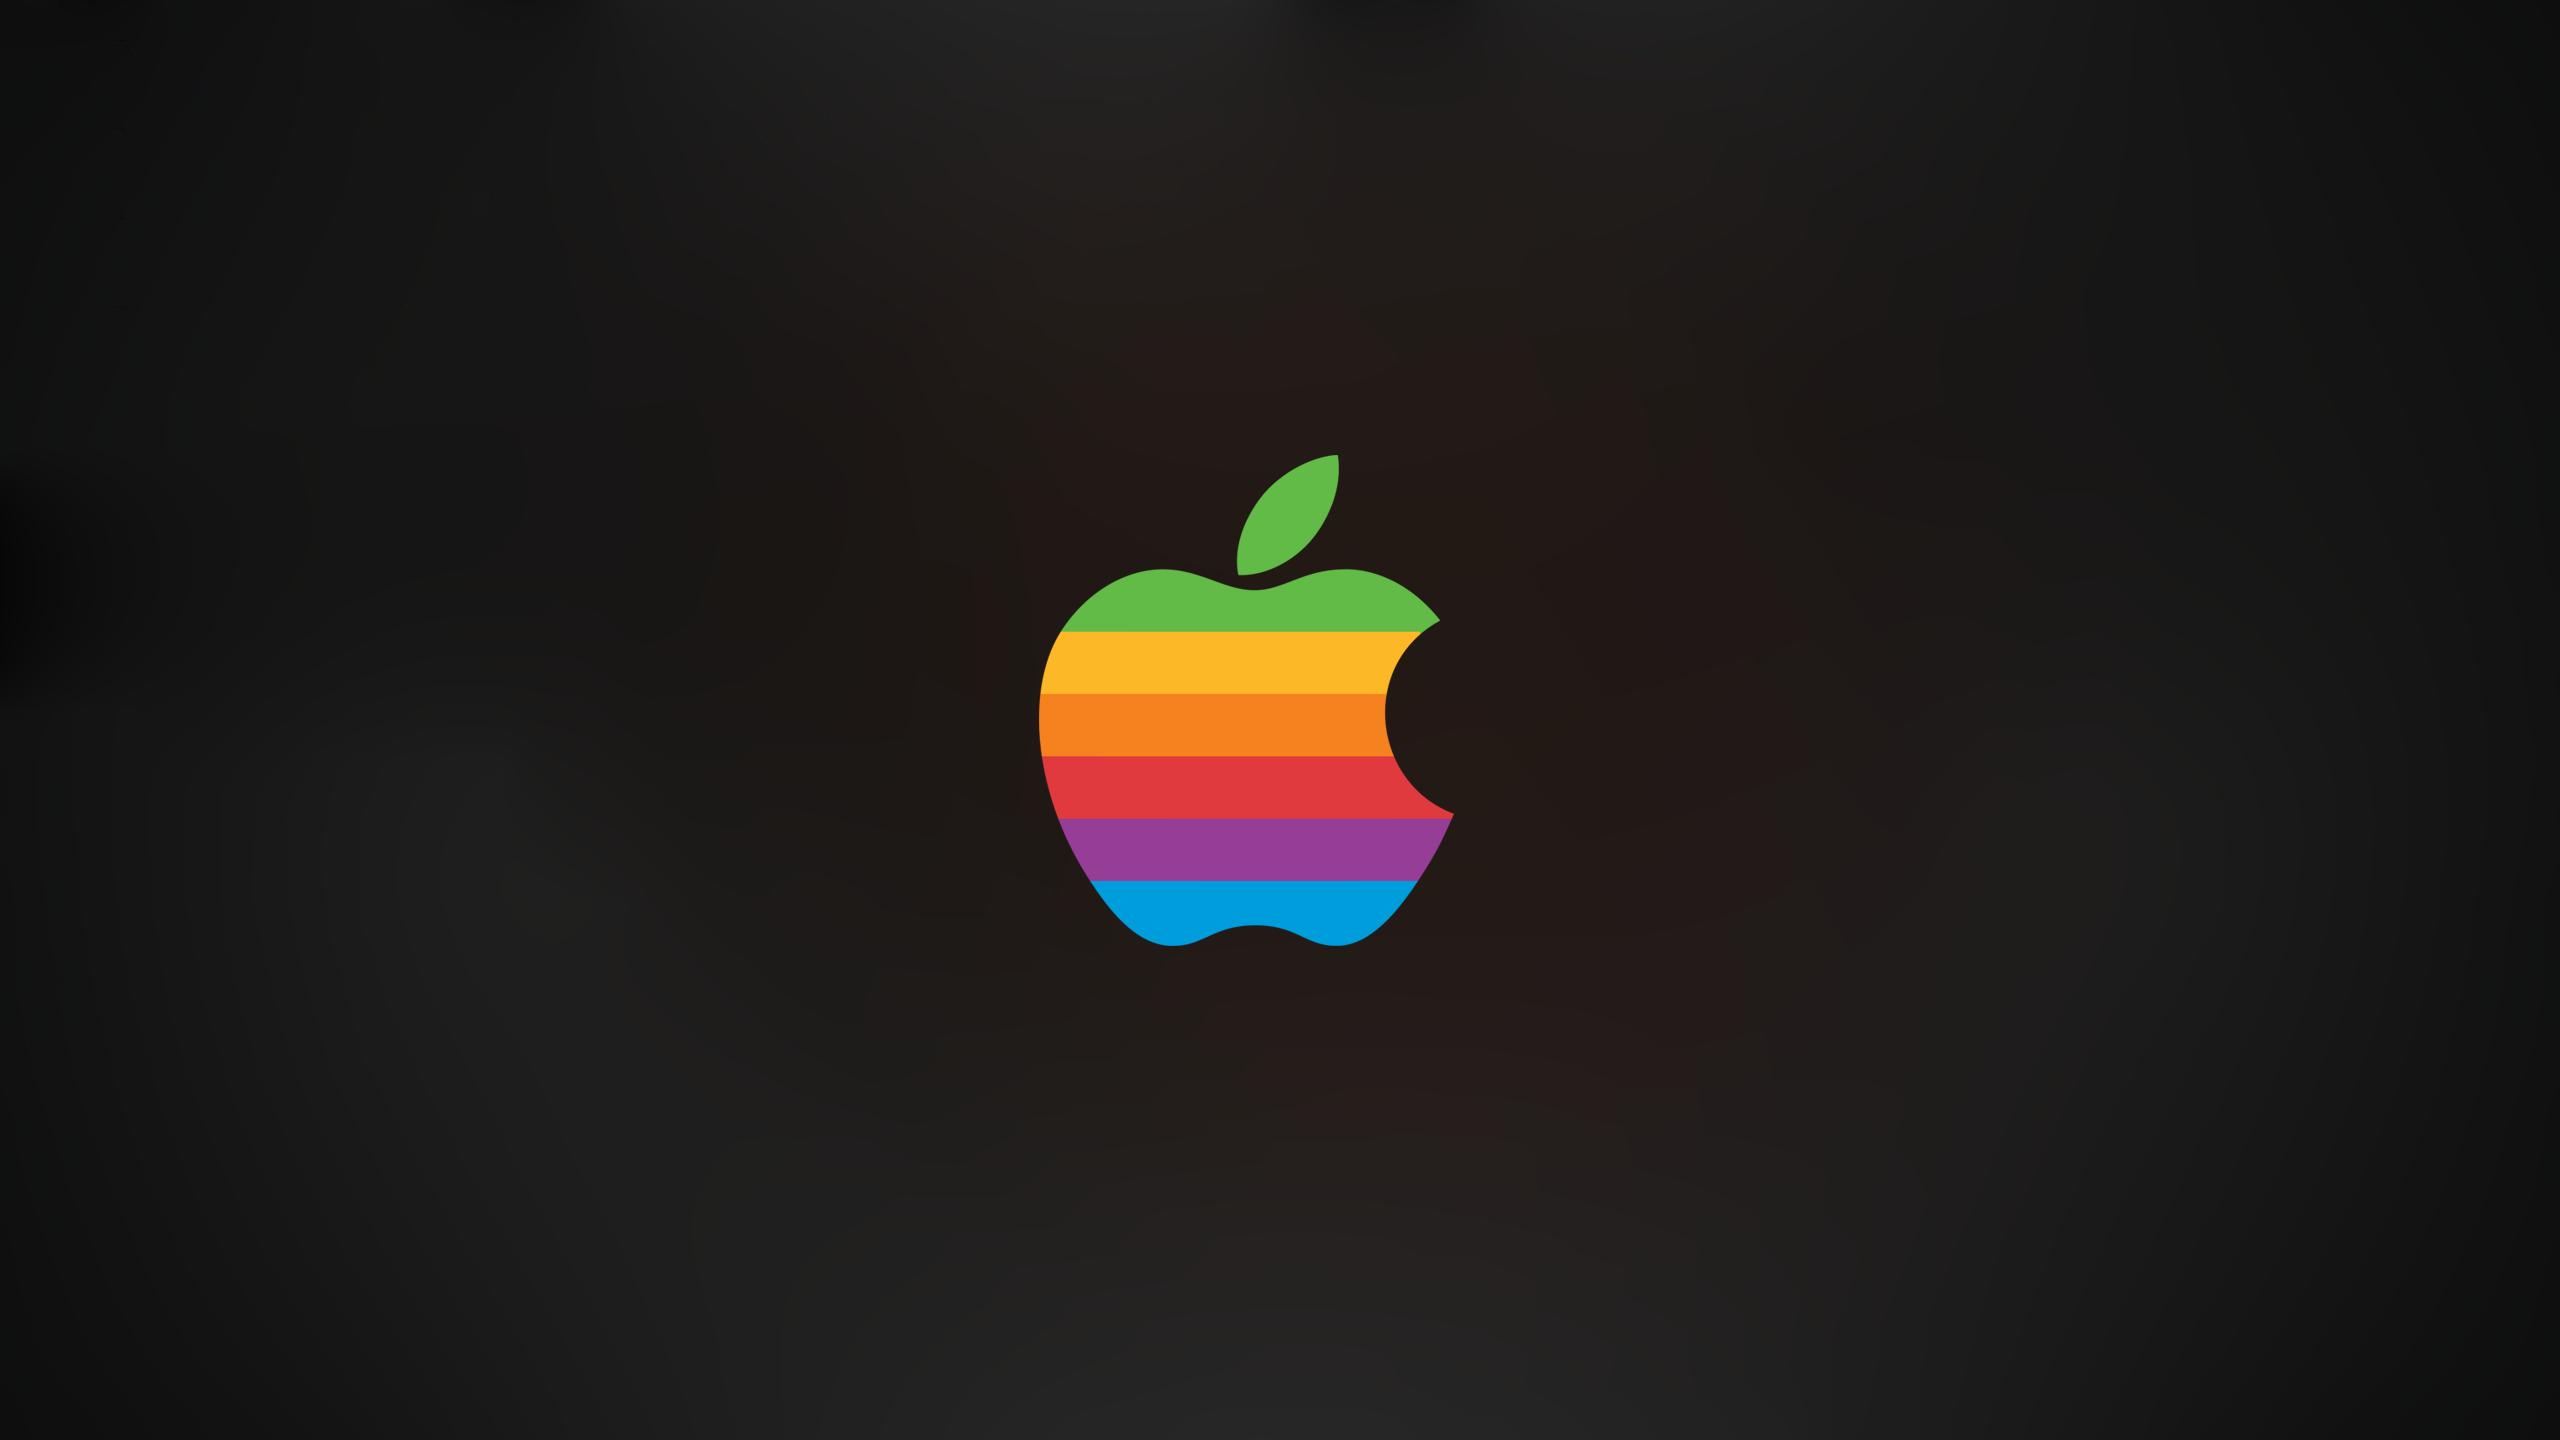 Sfondi Colorato Illustrazione Logo Verde Mele Tecnologia